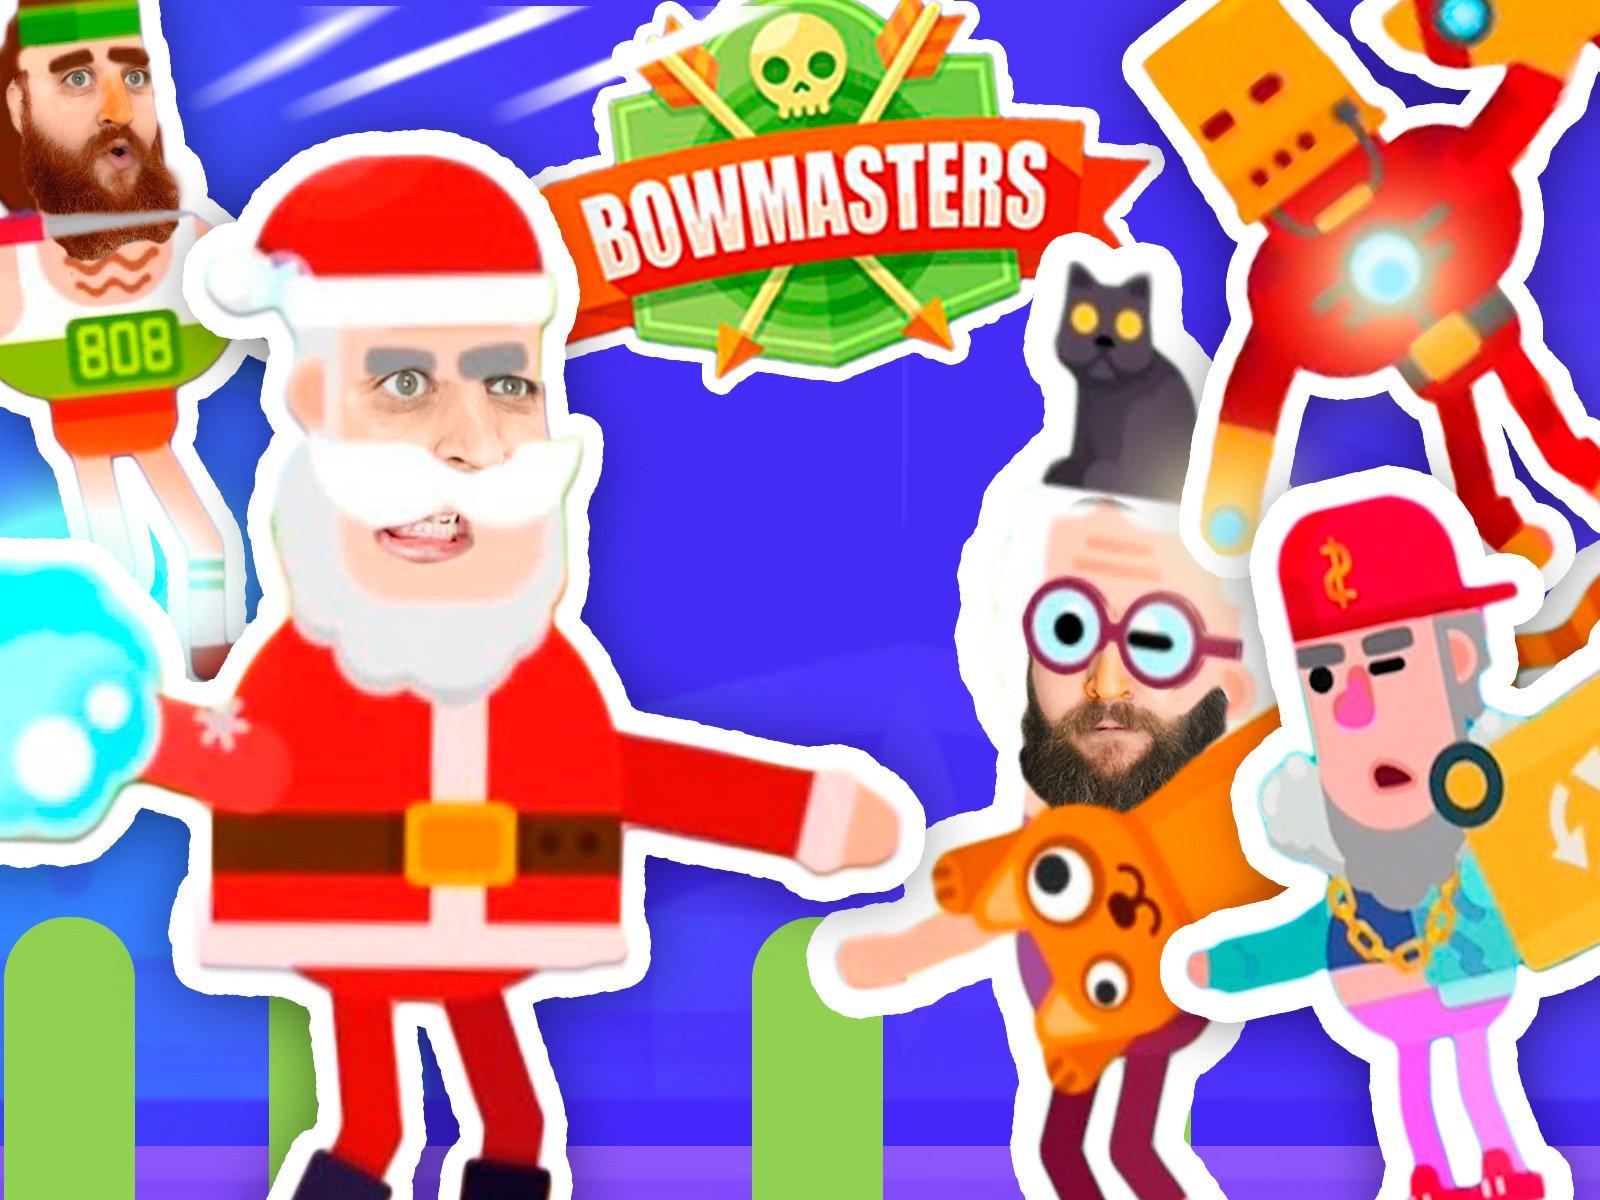 Clip: Bowmasters - Season 1